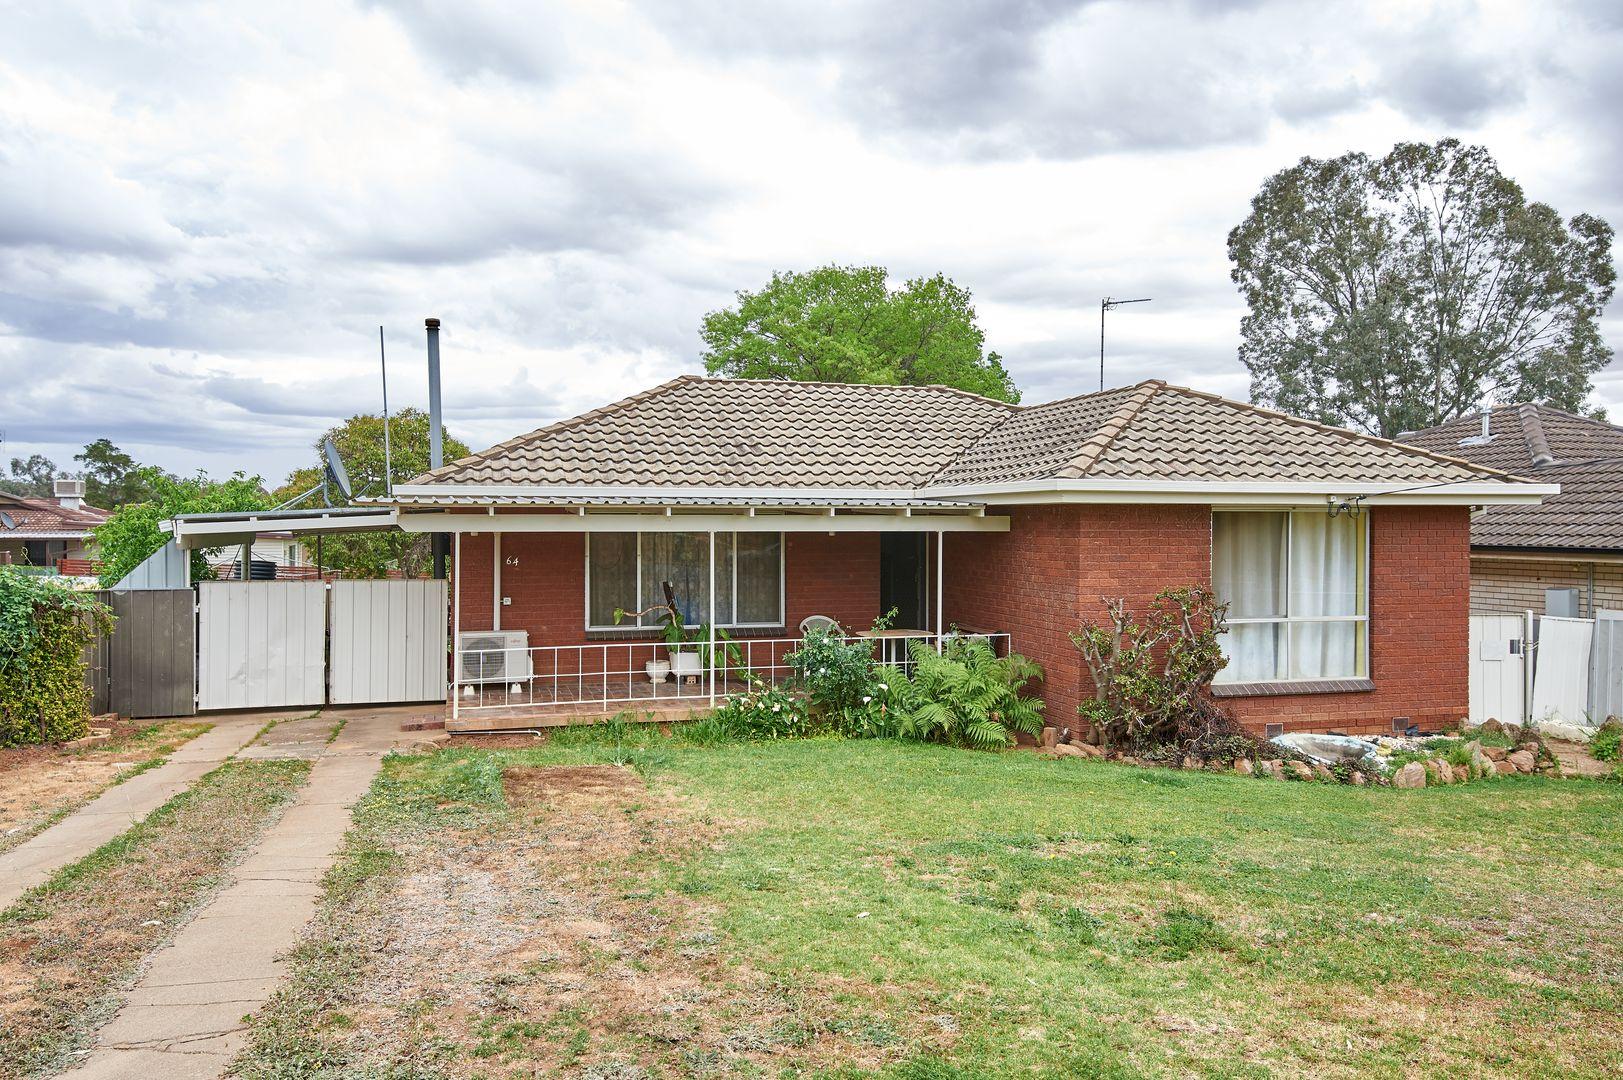 64 Tobruk Street, Wagga Wagga NSW 2650, Image 0